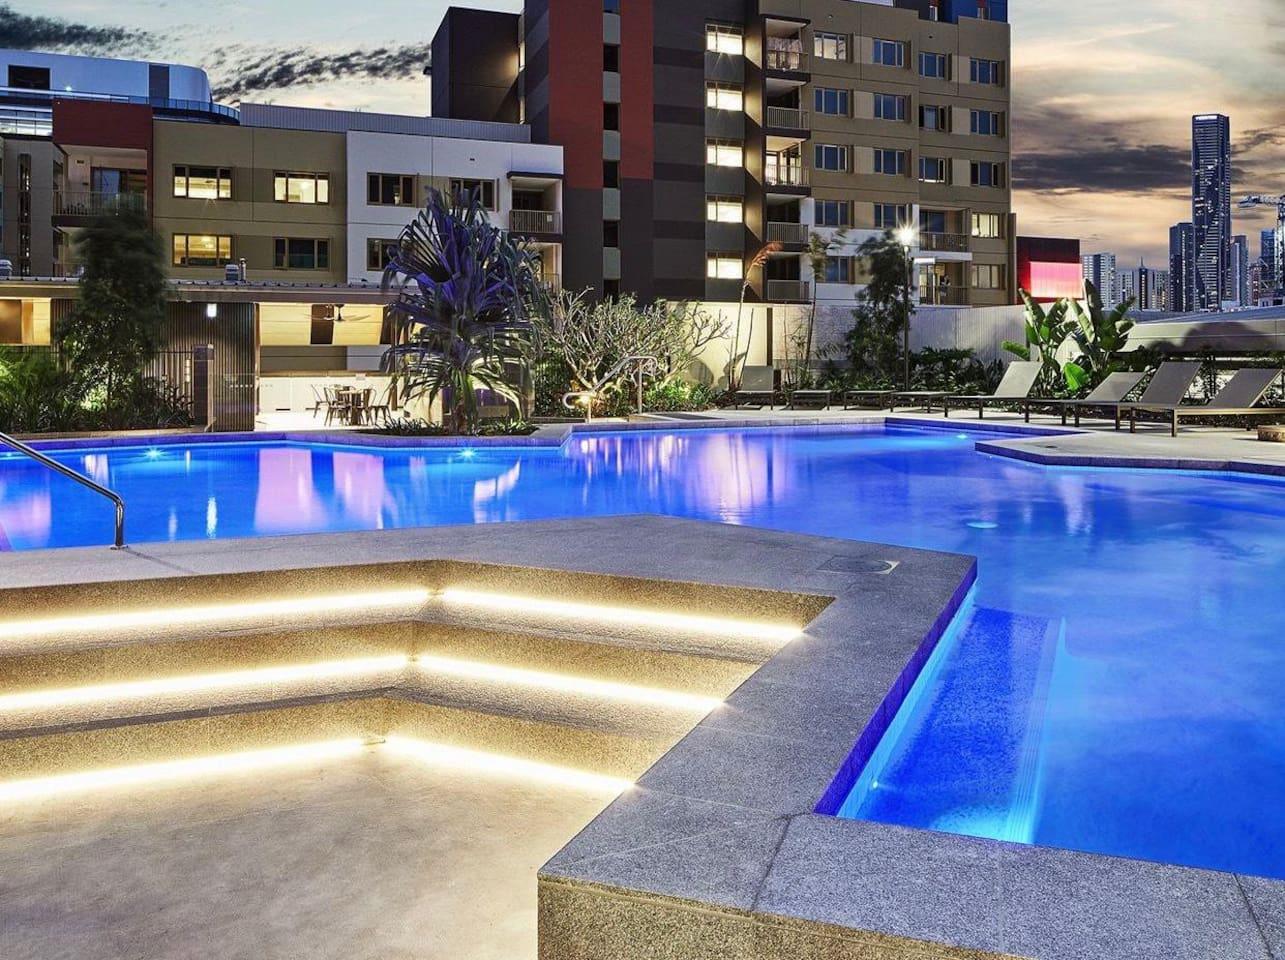 Resort-like swimming pool